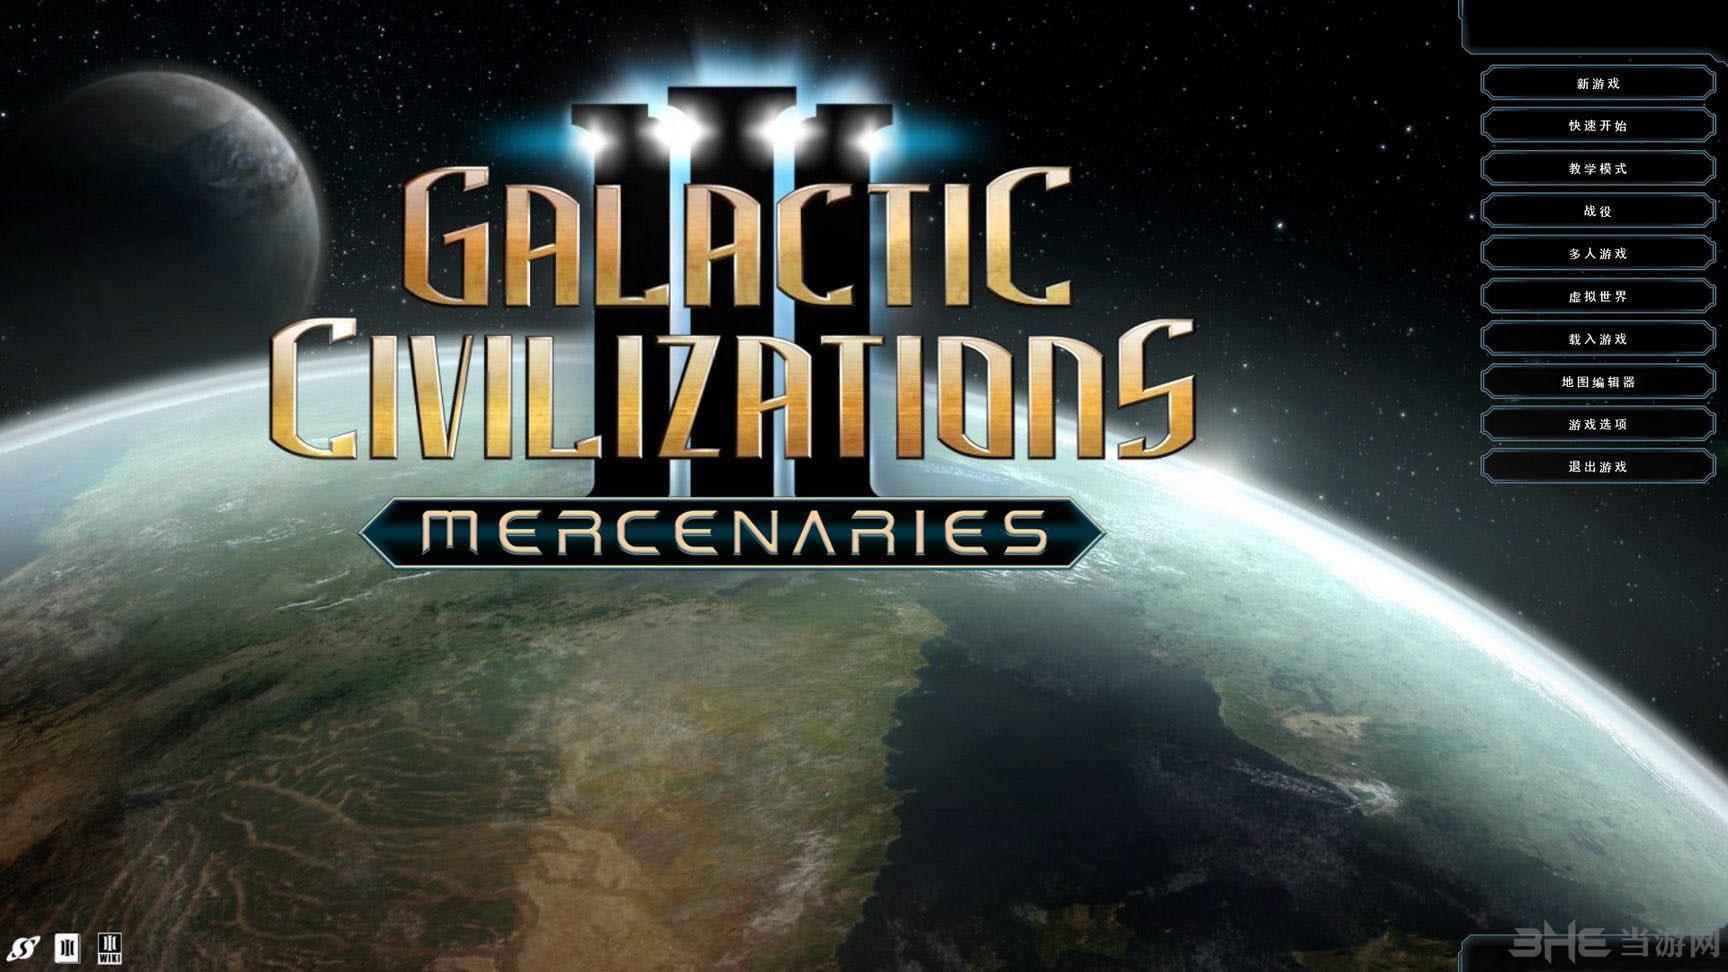 银河文明3 v1.7版玩家自制汉化补丁截图0